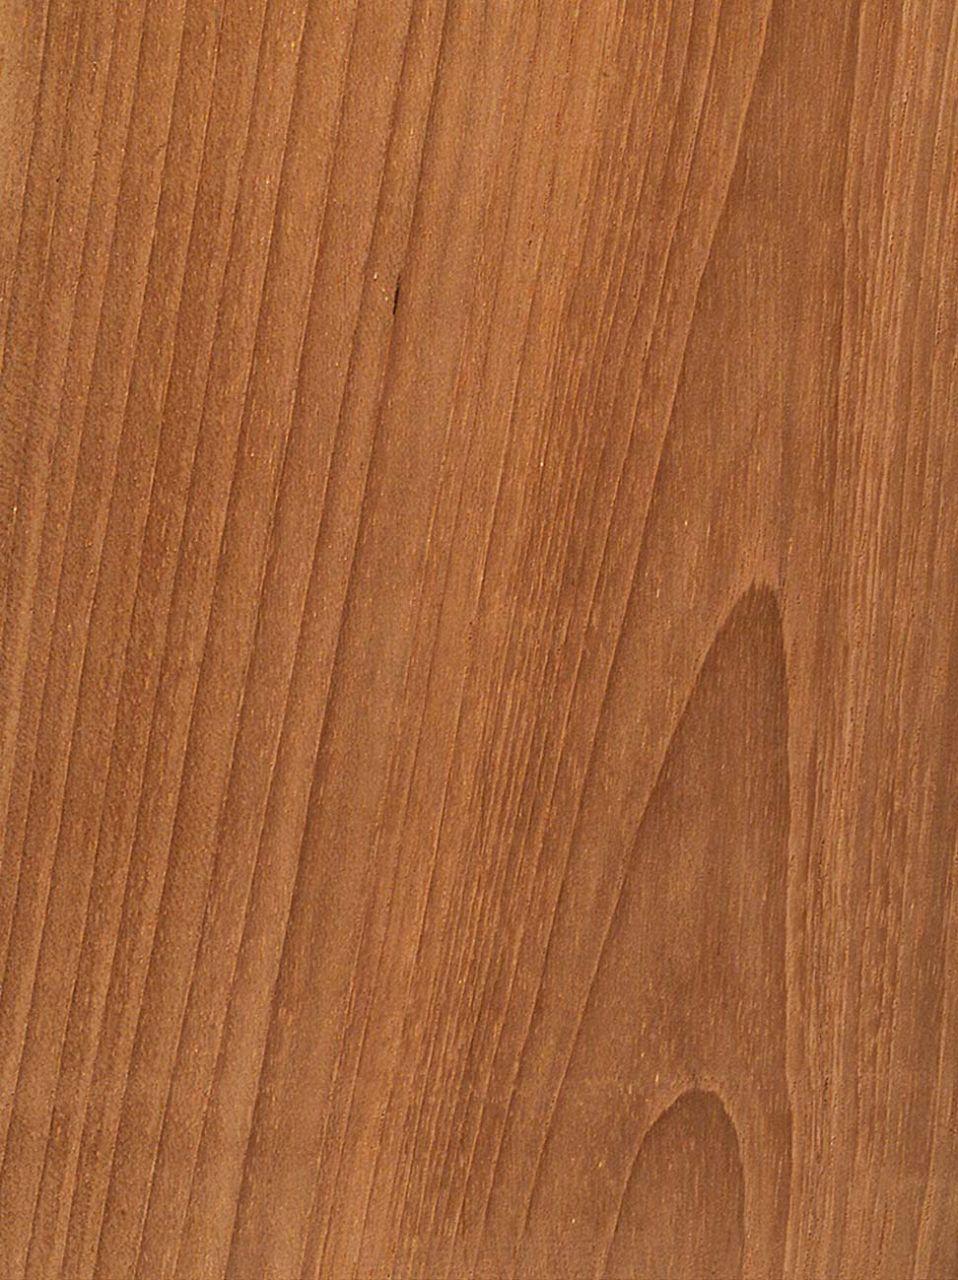 Teak Merkmale Eigenschaften Holz Vom Fach